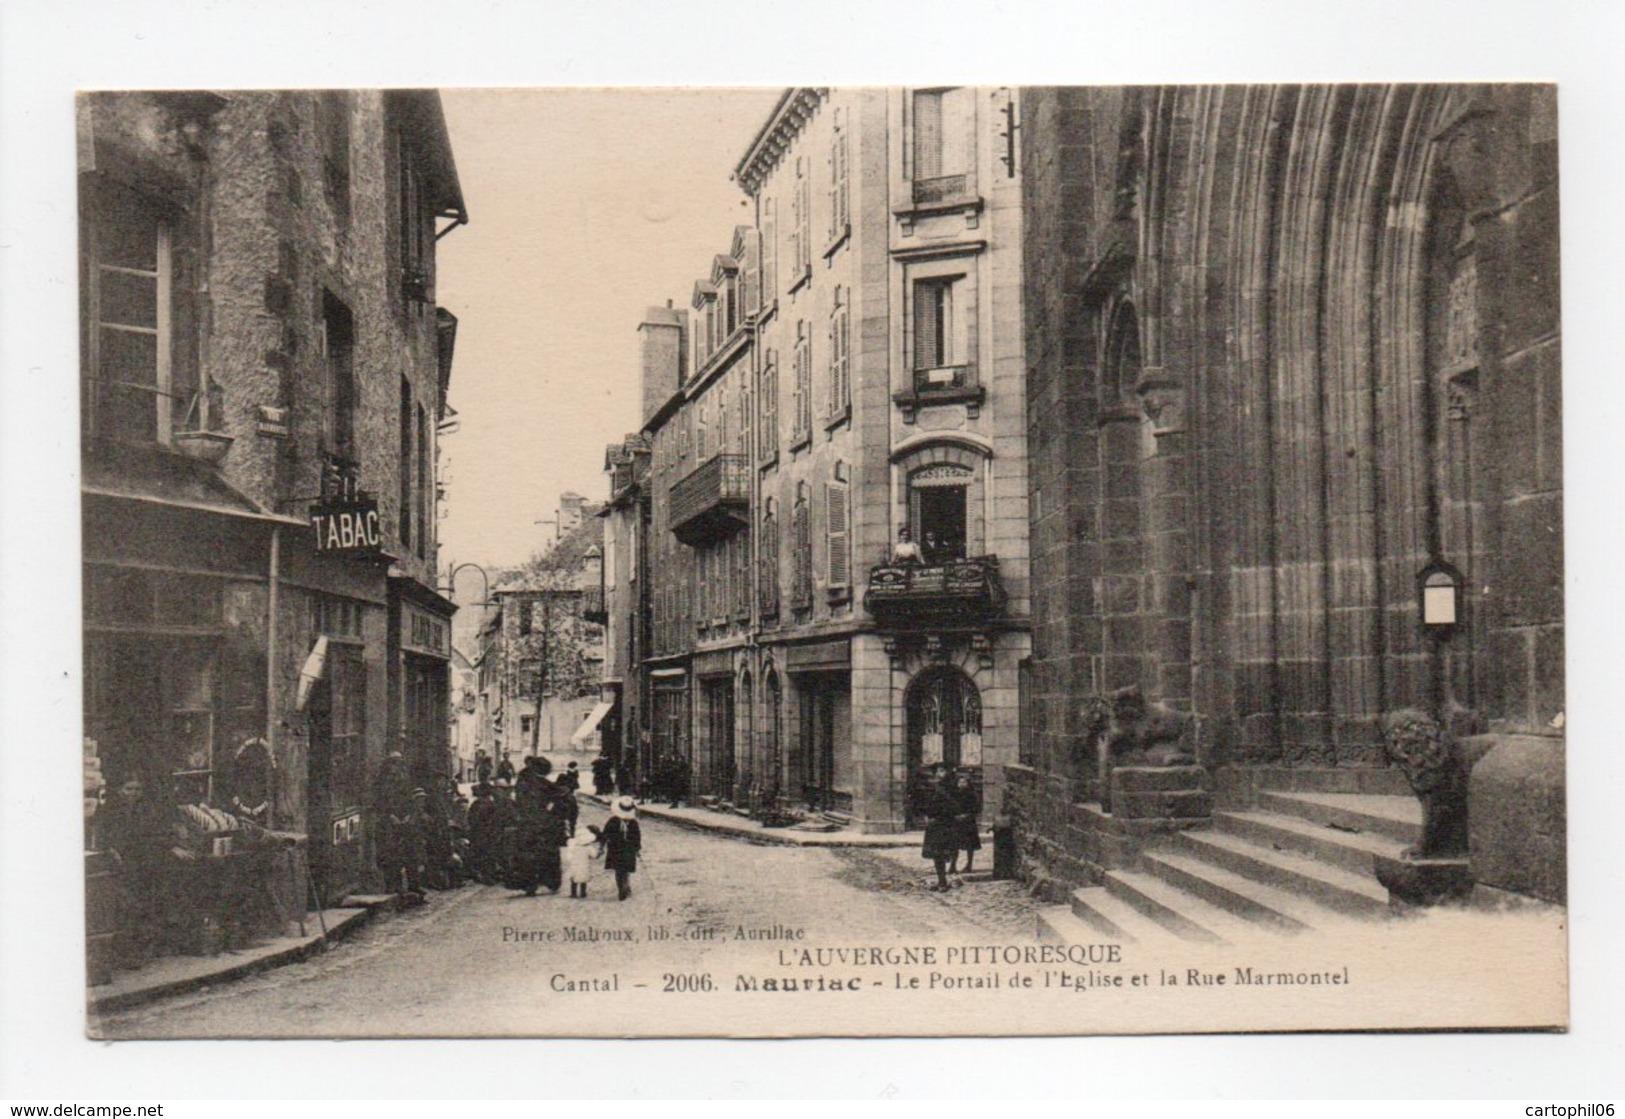 - CPA MAURIAC (15) - Le Portail De L'Eglise Et La Rue Marmontel - Edition Pierre Malroux 2006 - - Mauriac